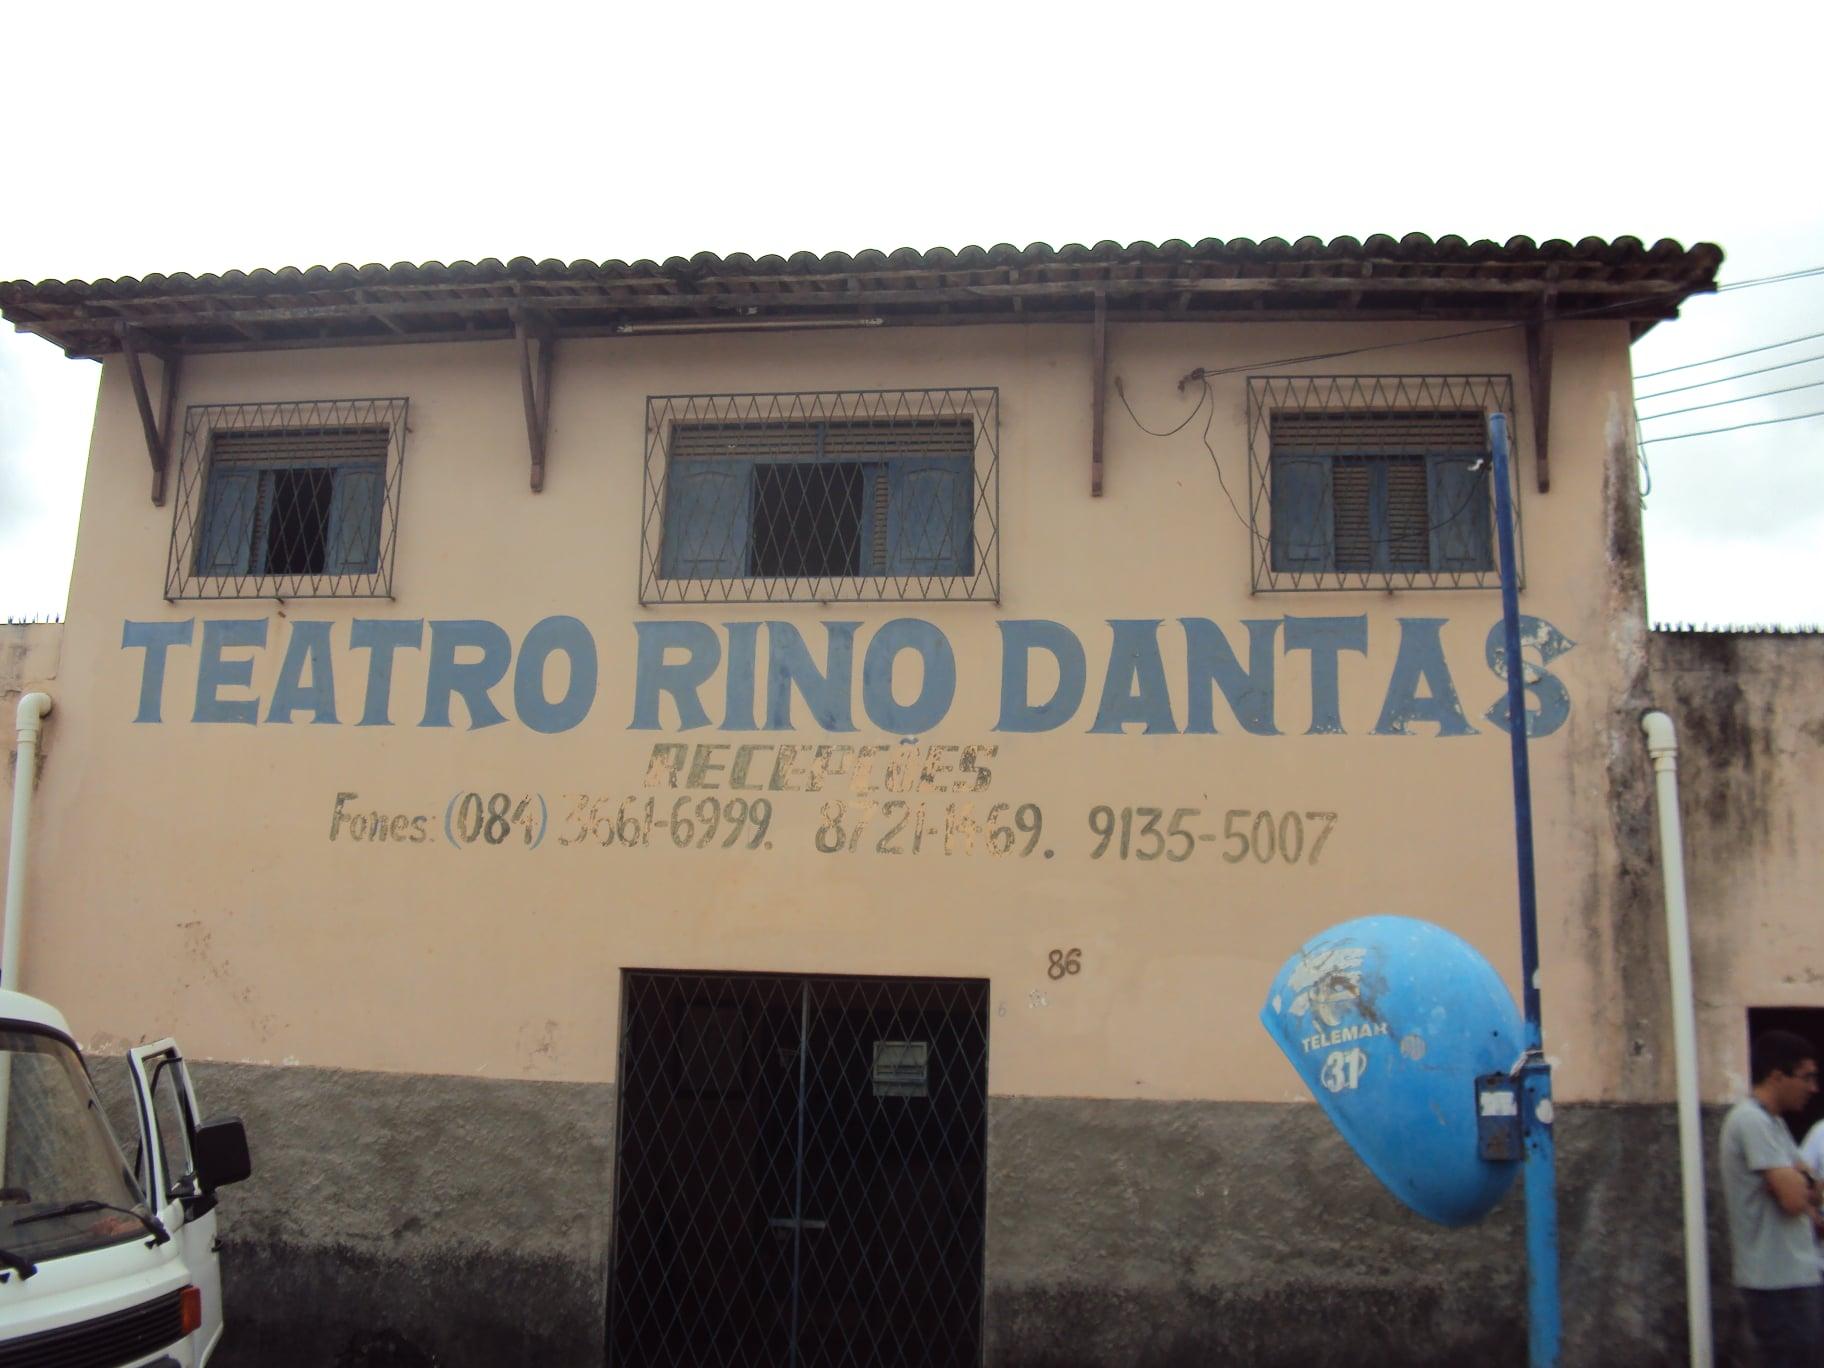 Teatro Rino Dantas